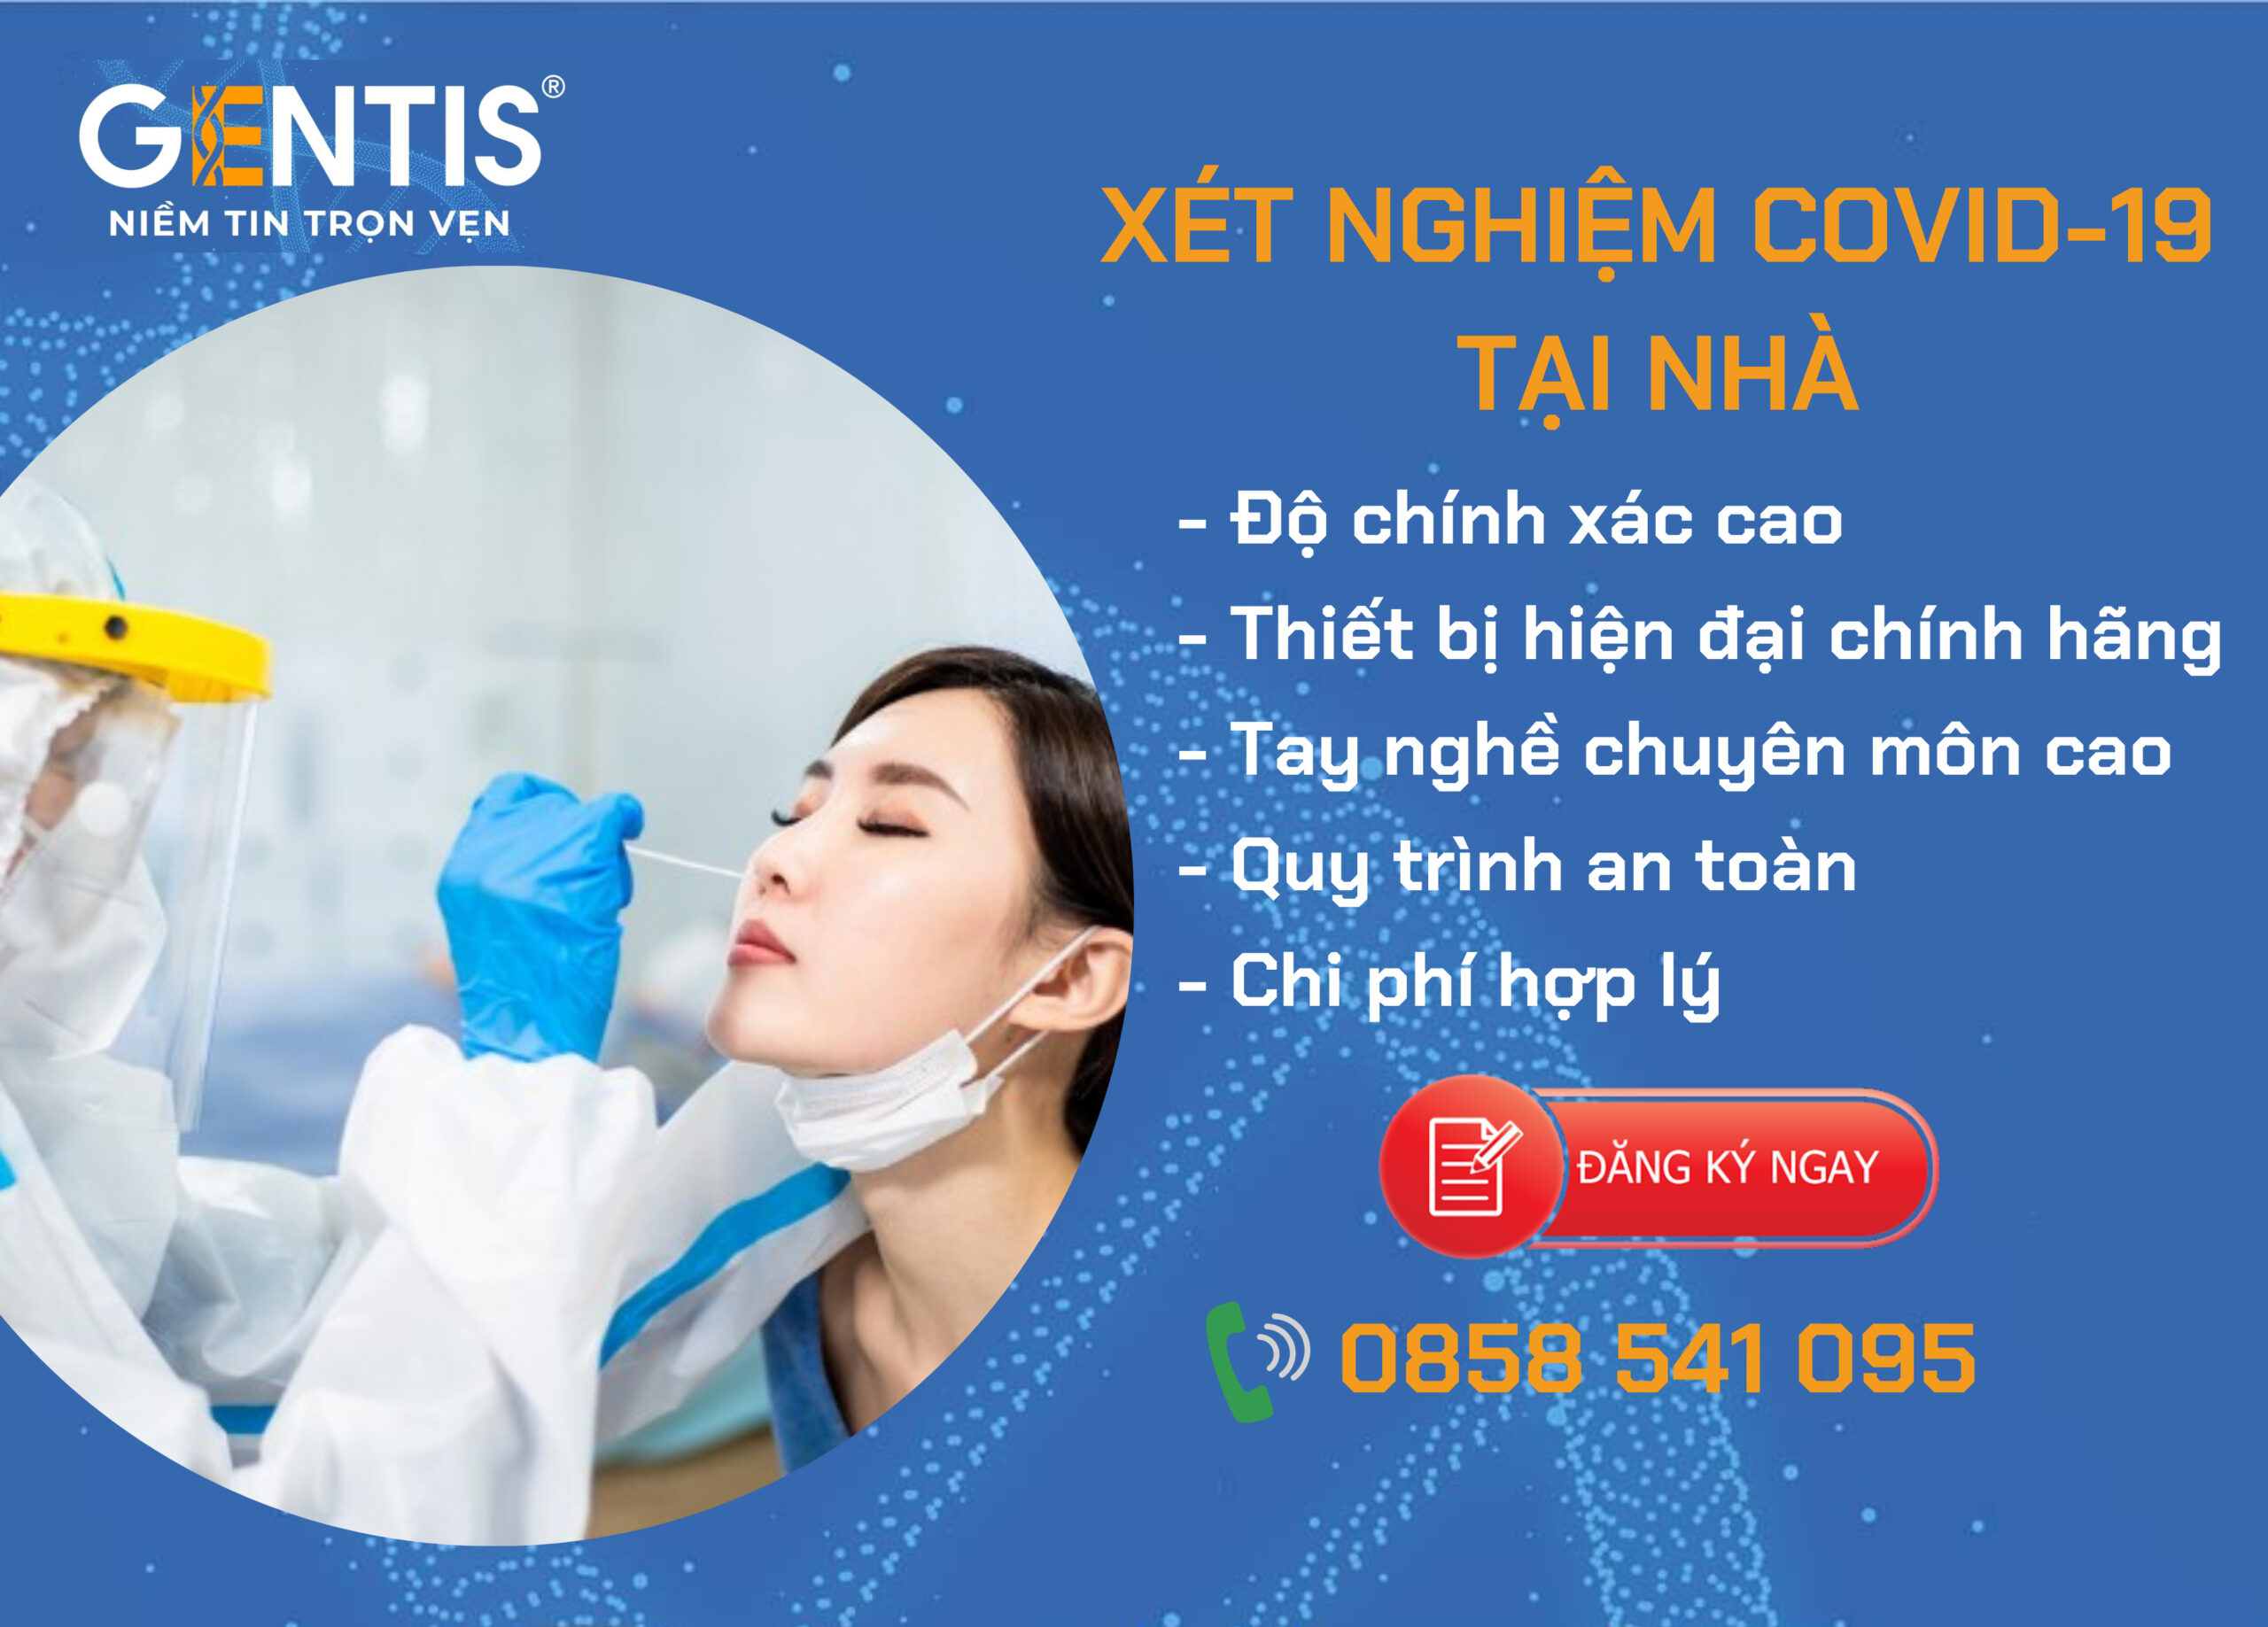 Xét nghiệm covid tại nhà Hà Nội